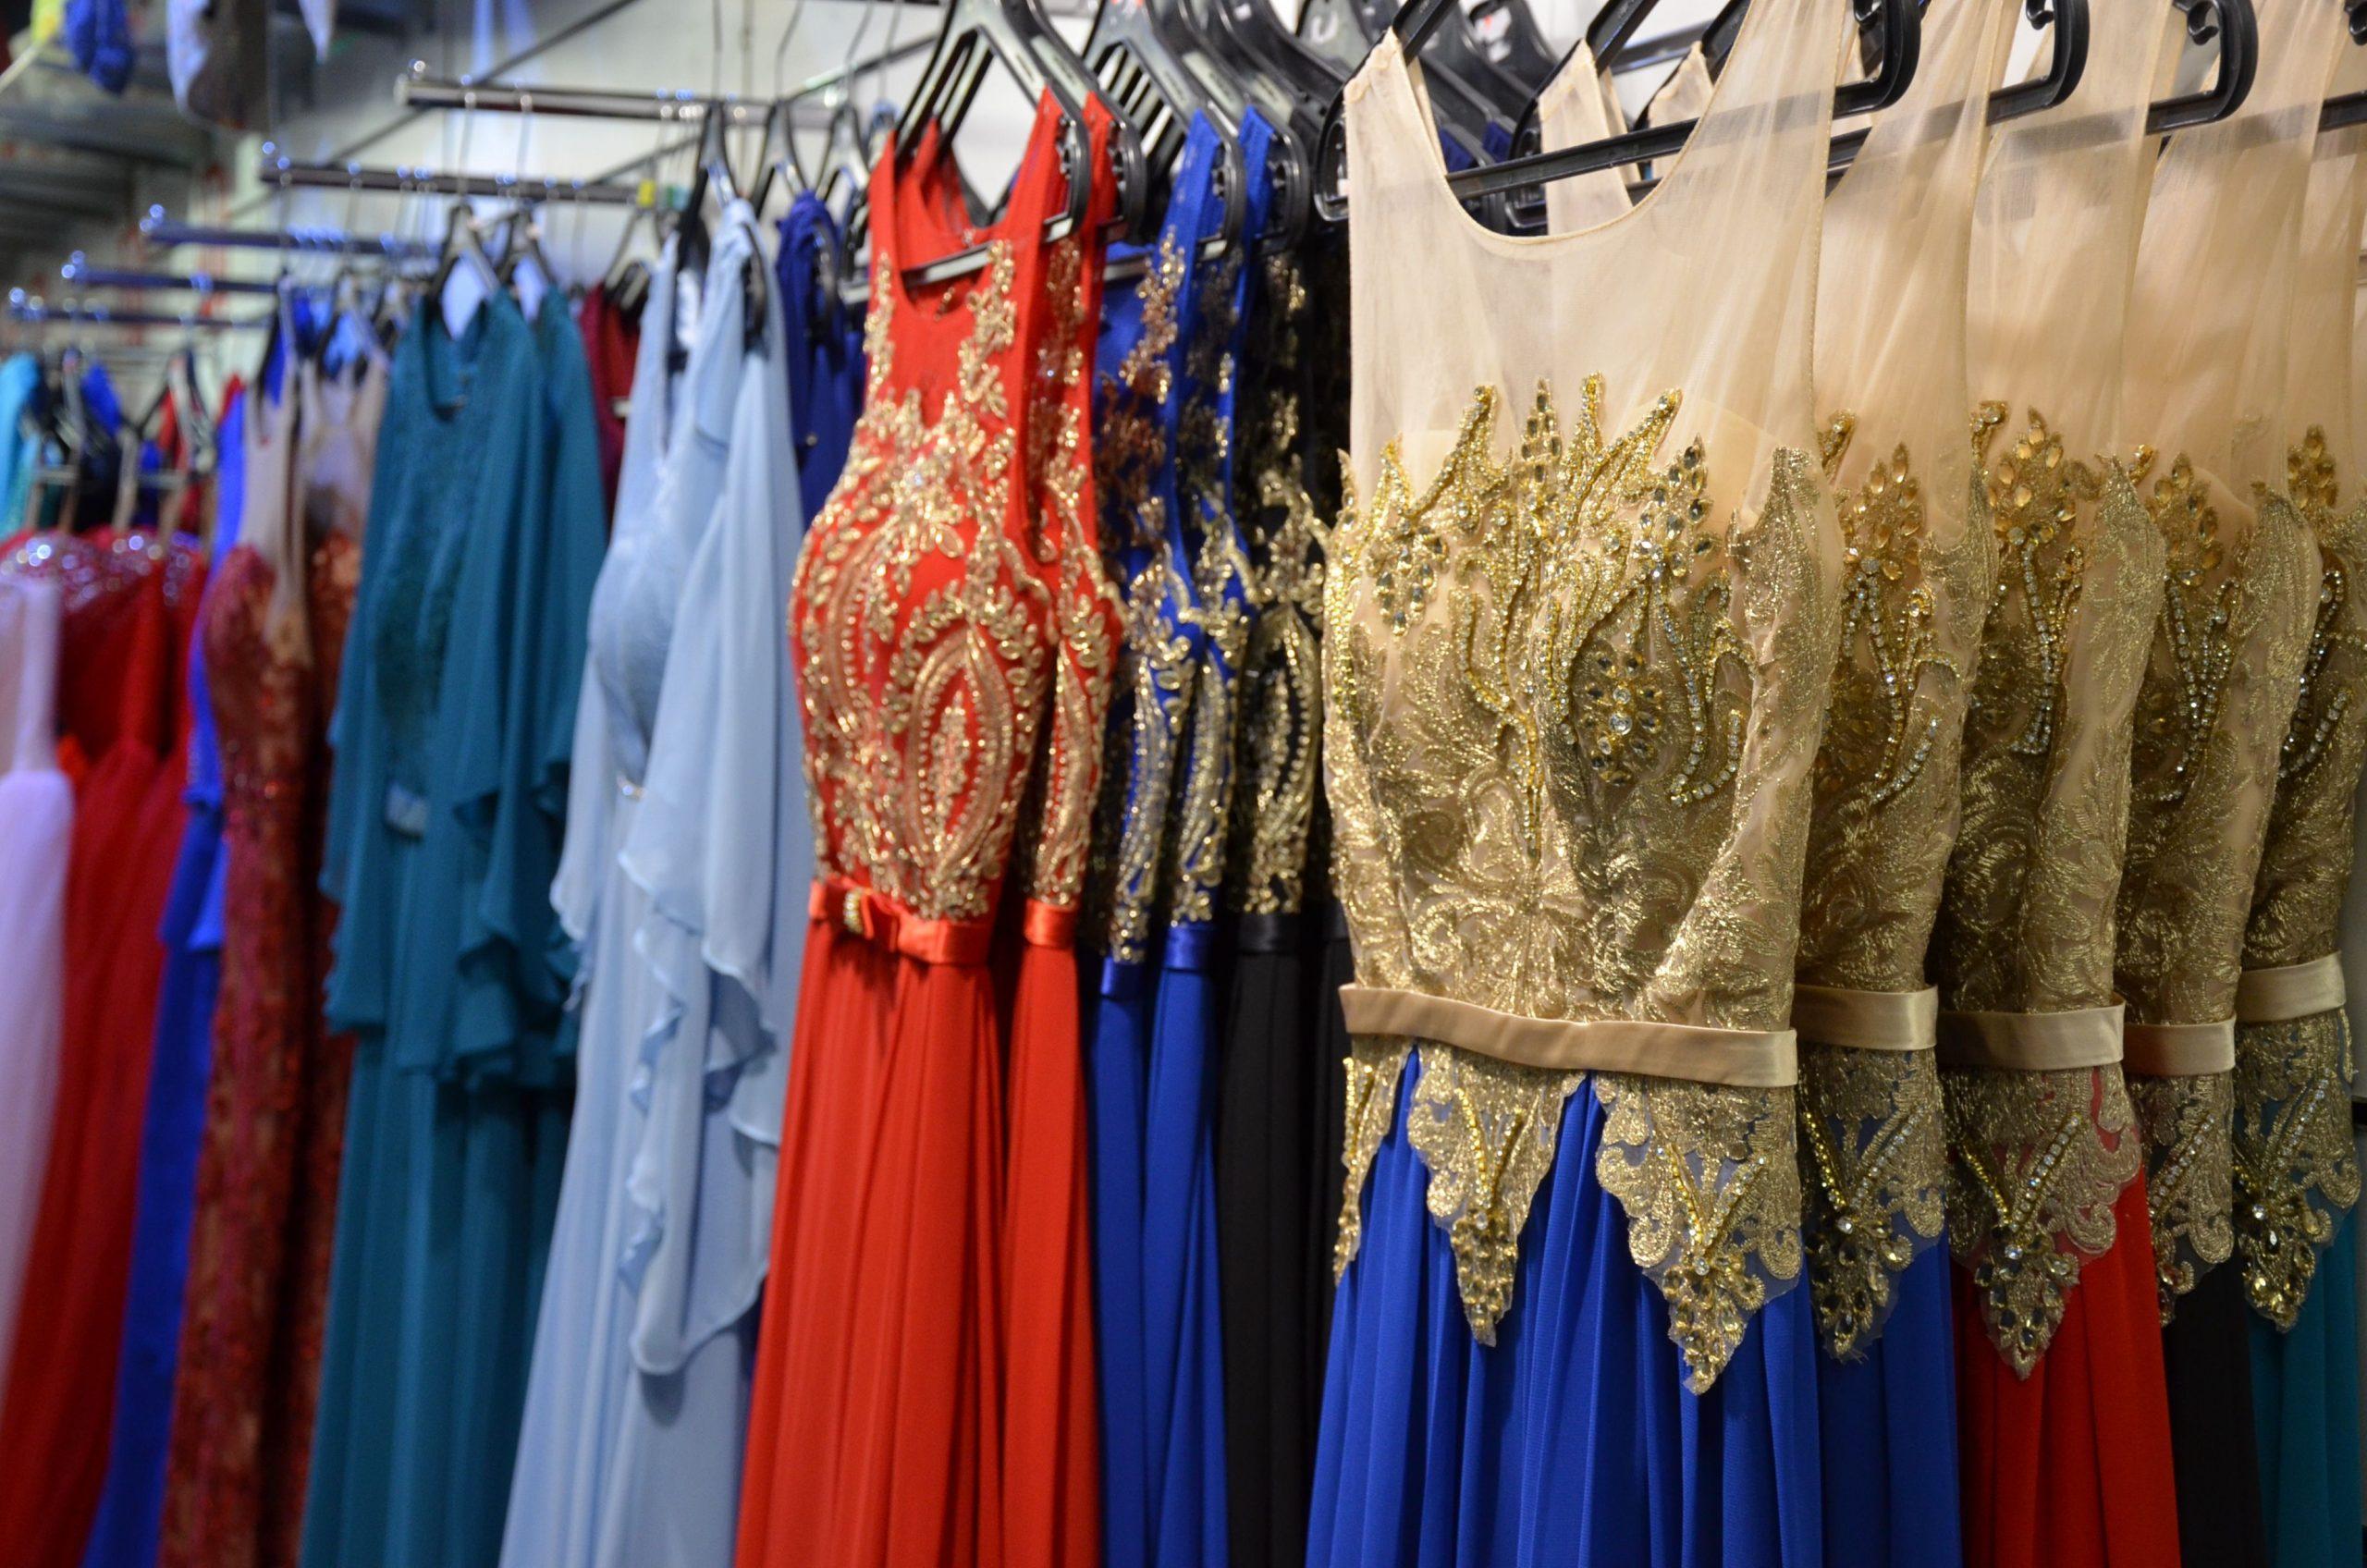 13 Spektakulär Abendkleider In Stuttgart Vertrieb Ausgezeichnet Abendkleider In Stuttgart Boutique